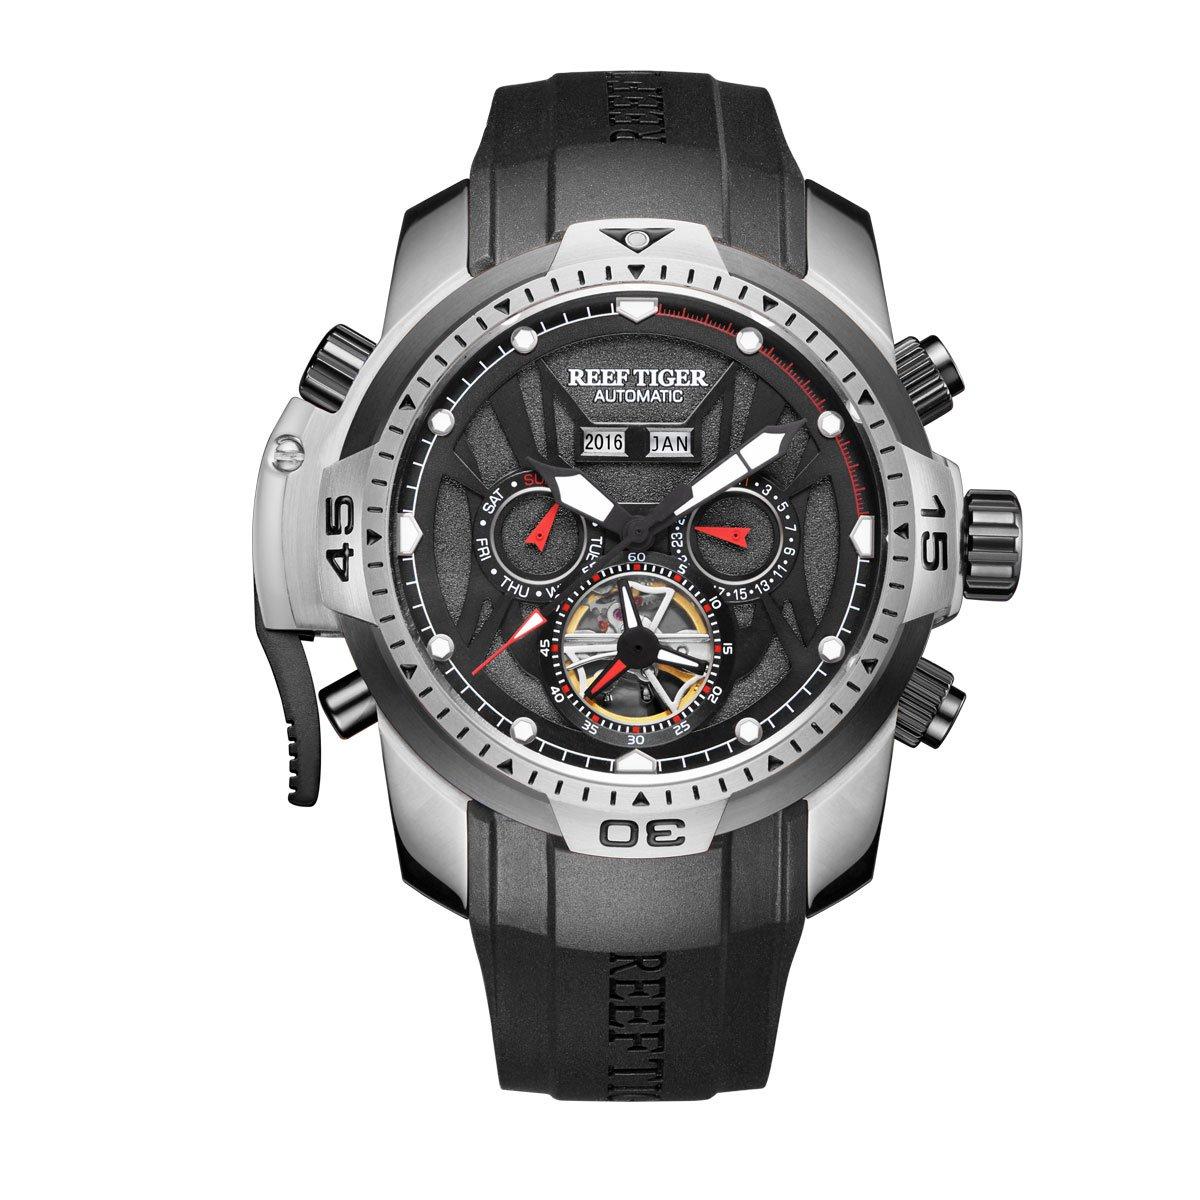 Reef TigerメンズスポーツウォッチステンレススチールケースゴムストラップMilitary Watches rga3532 RGA3532-YBBO B07F846JYW  RGA3532-YBBO